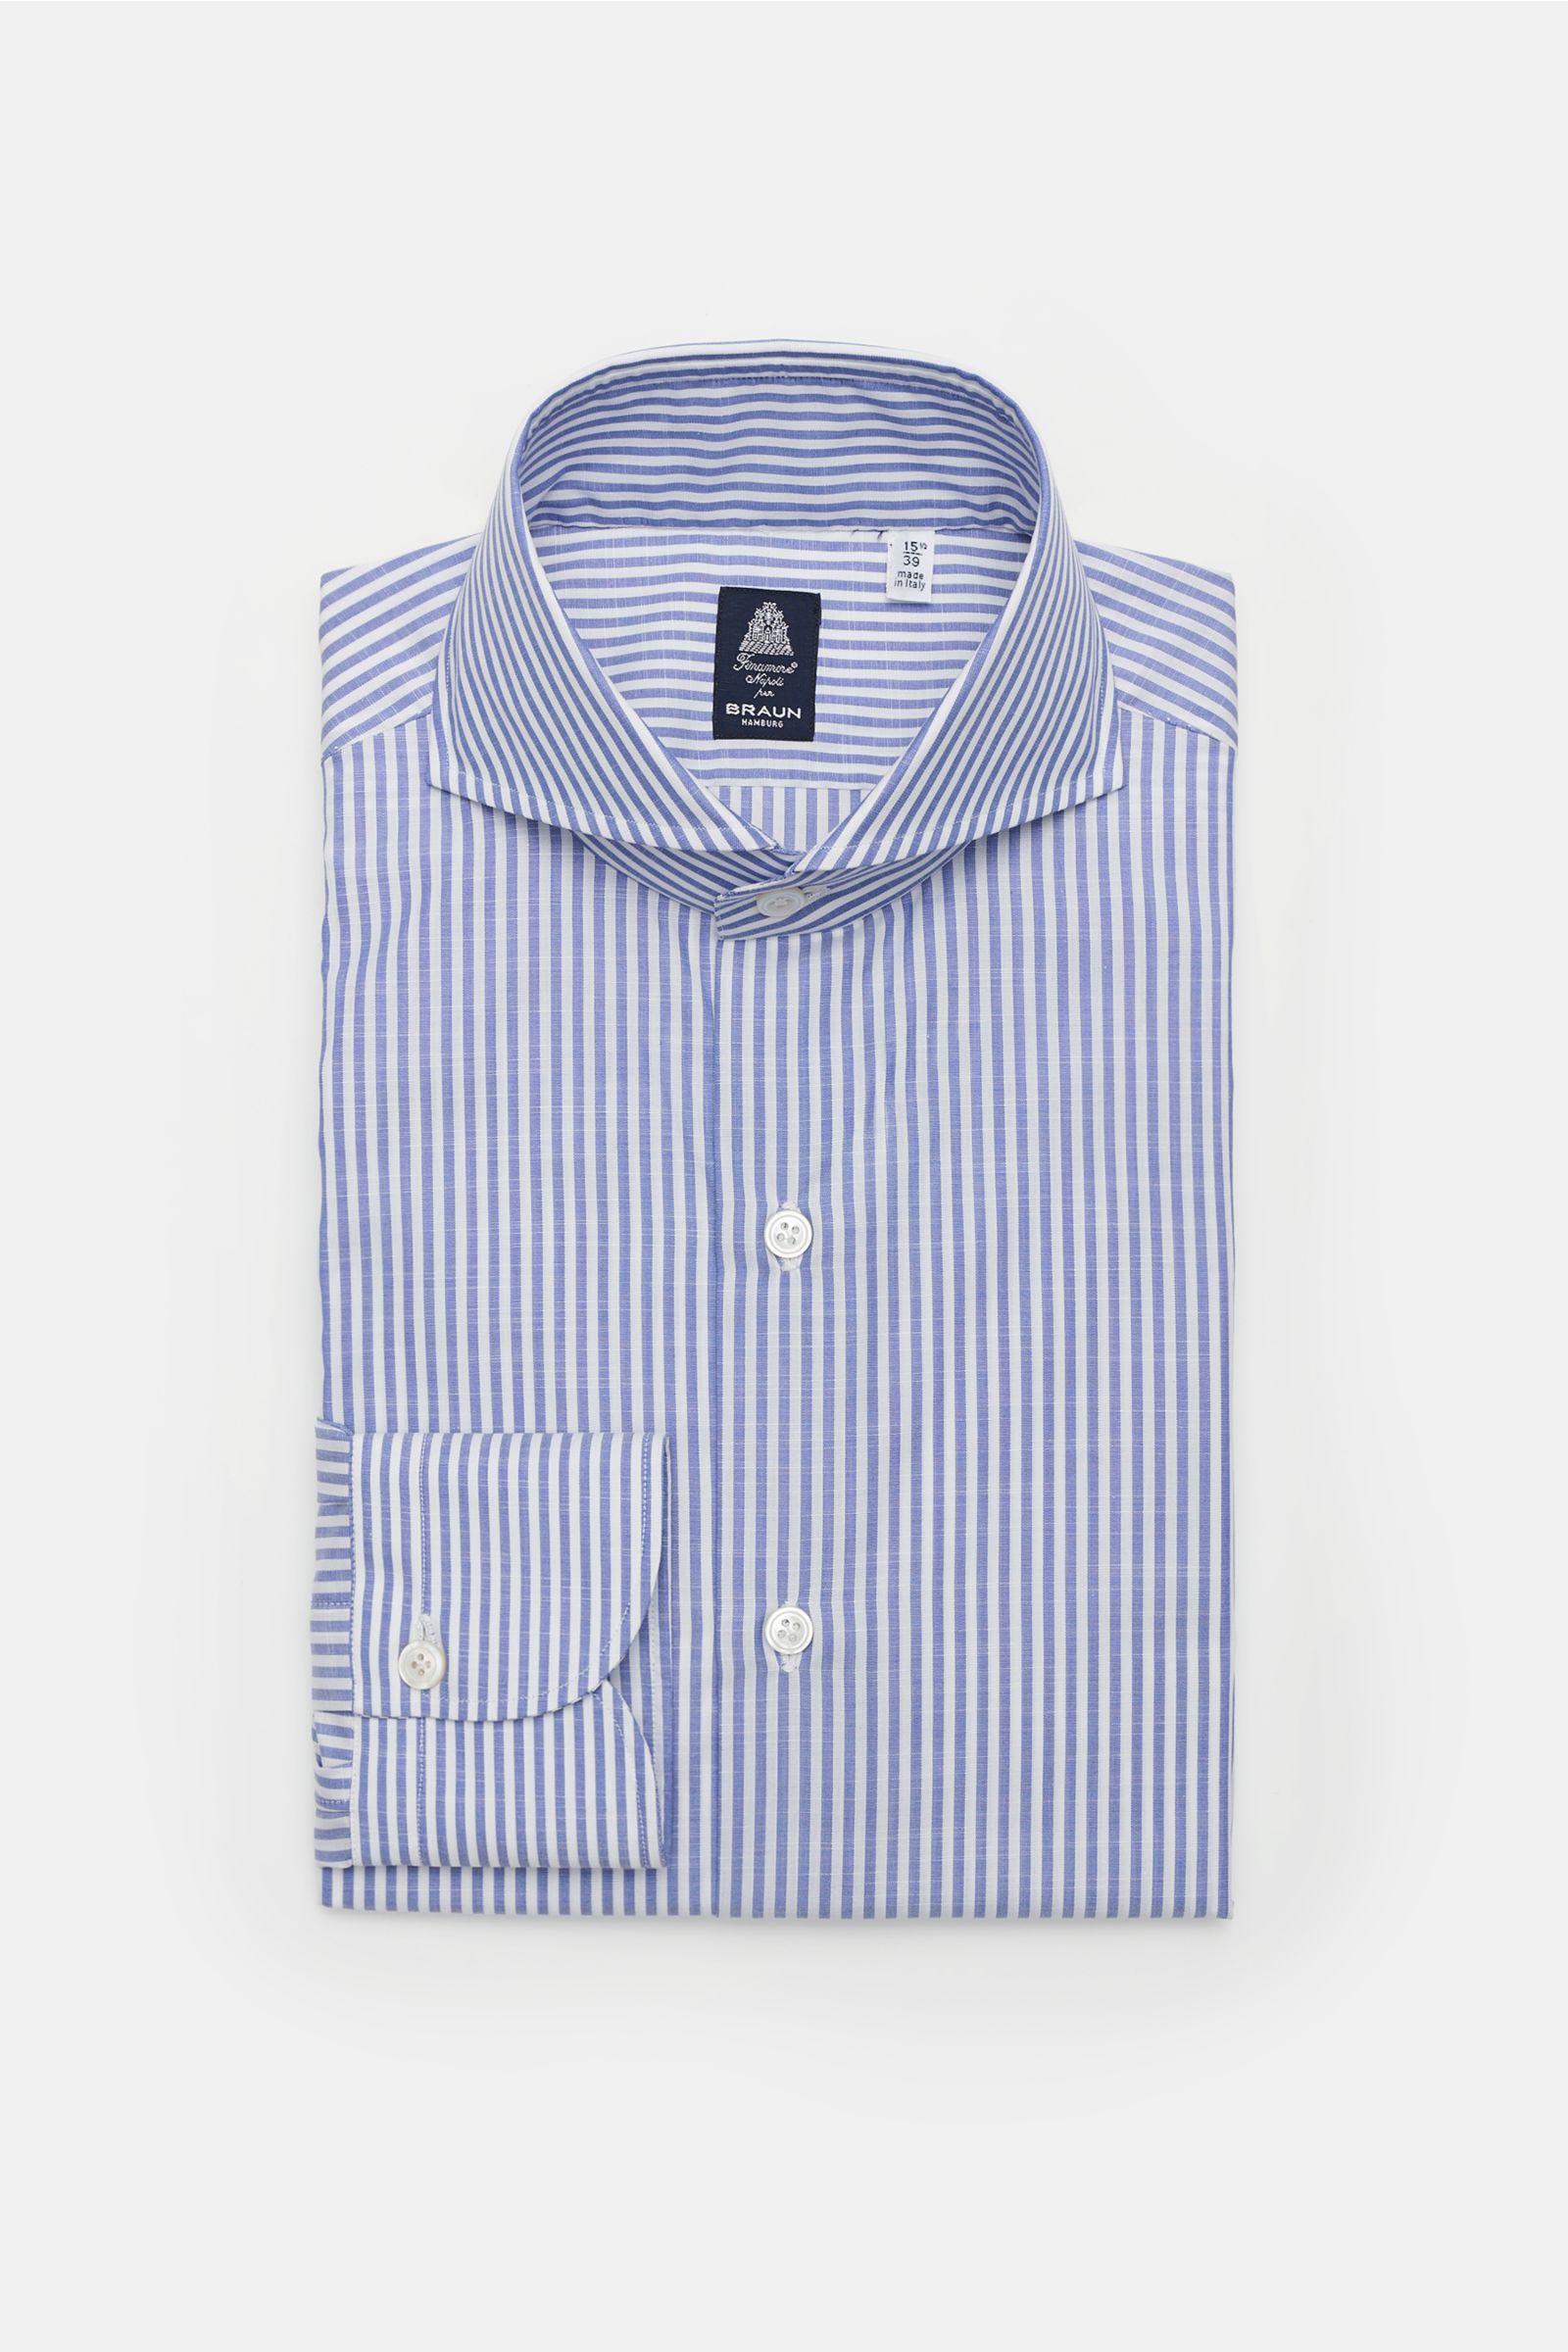 Business Hemd 'Sergio Napoli' Haifisch-Kragen graublau/weiß gestreift